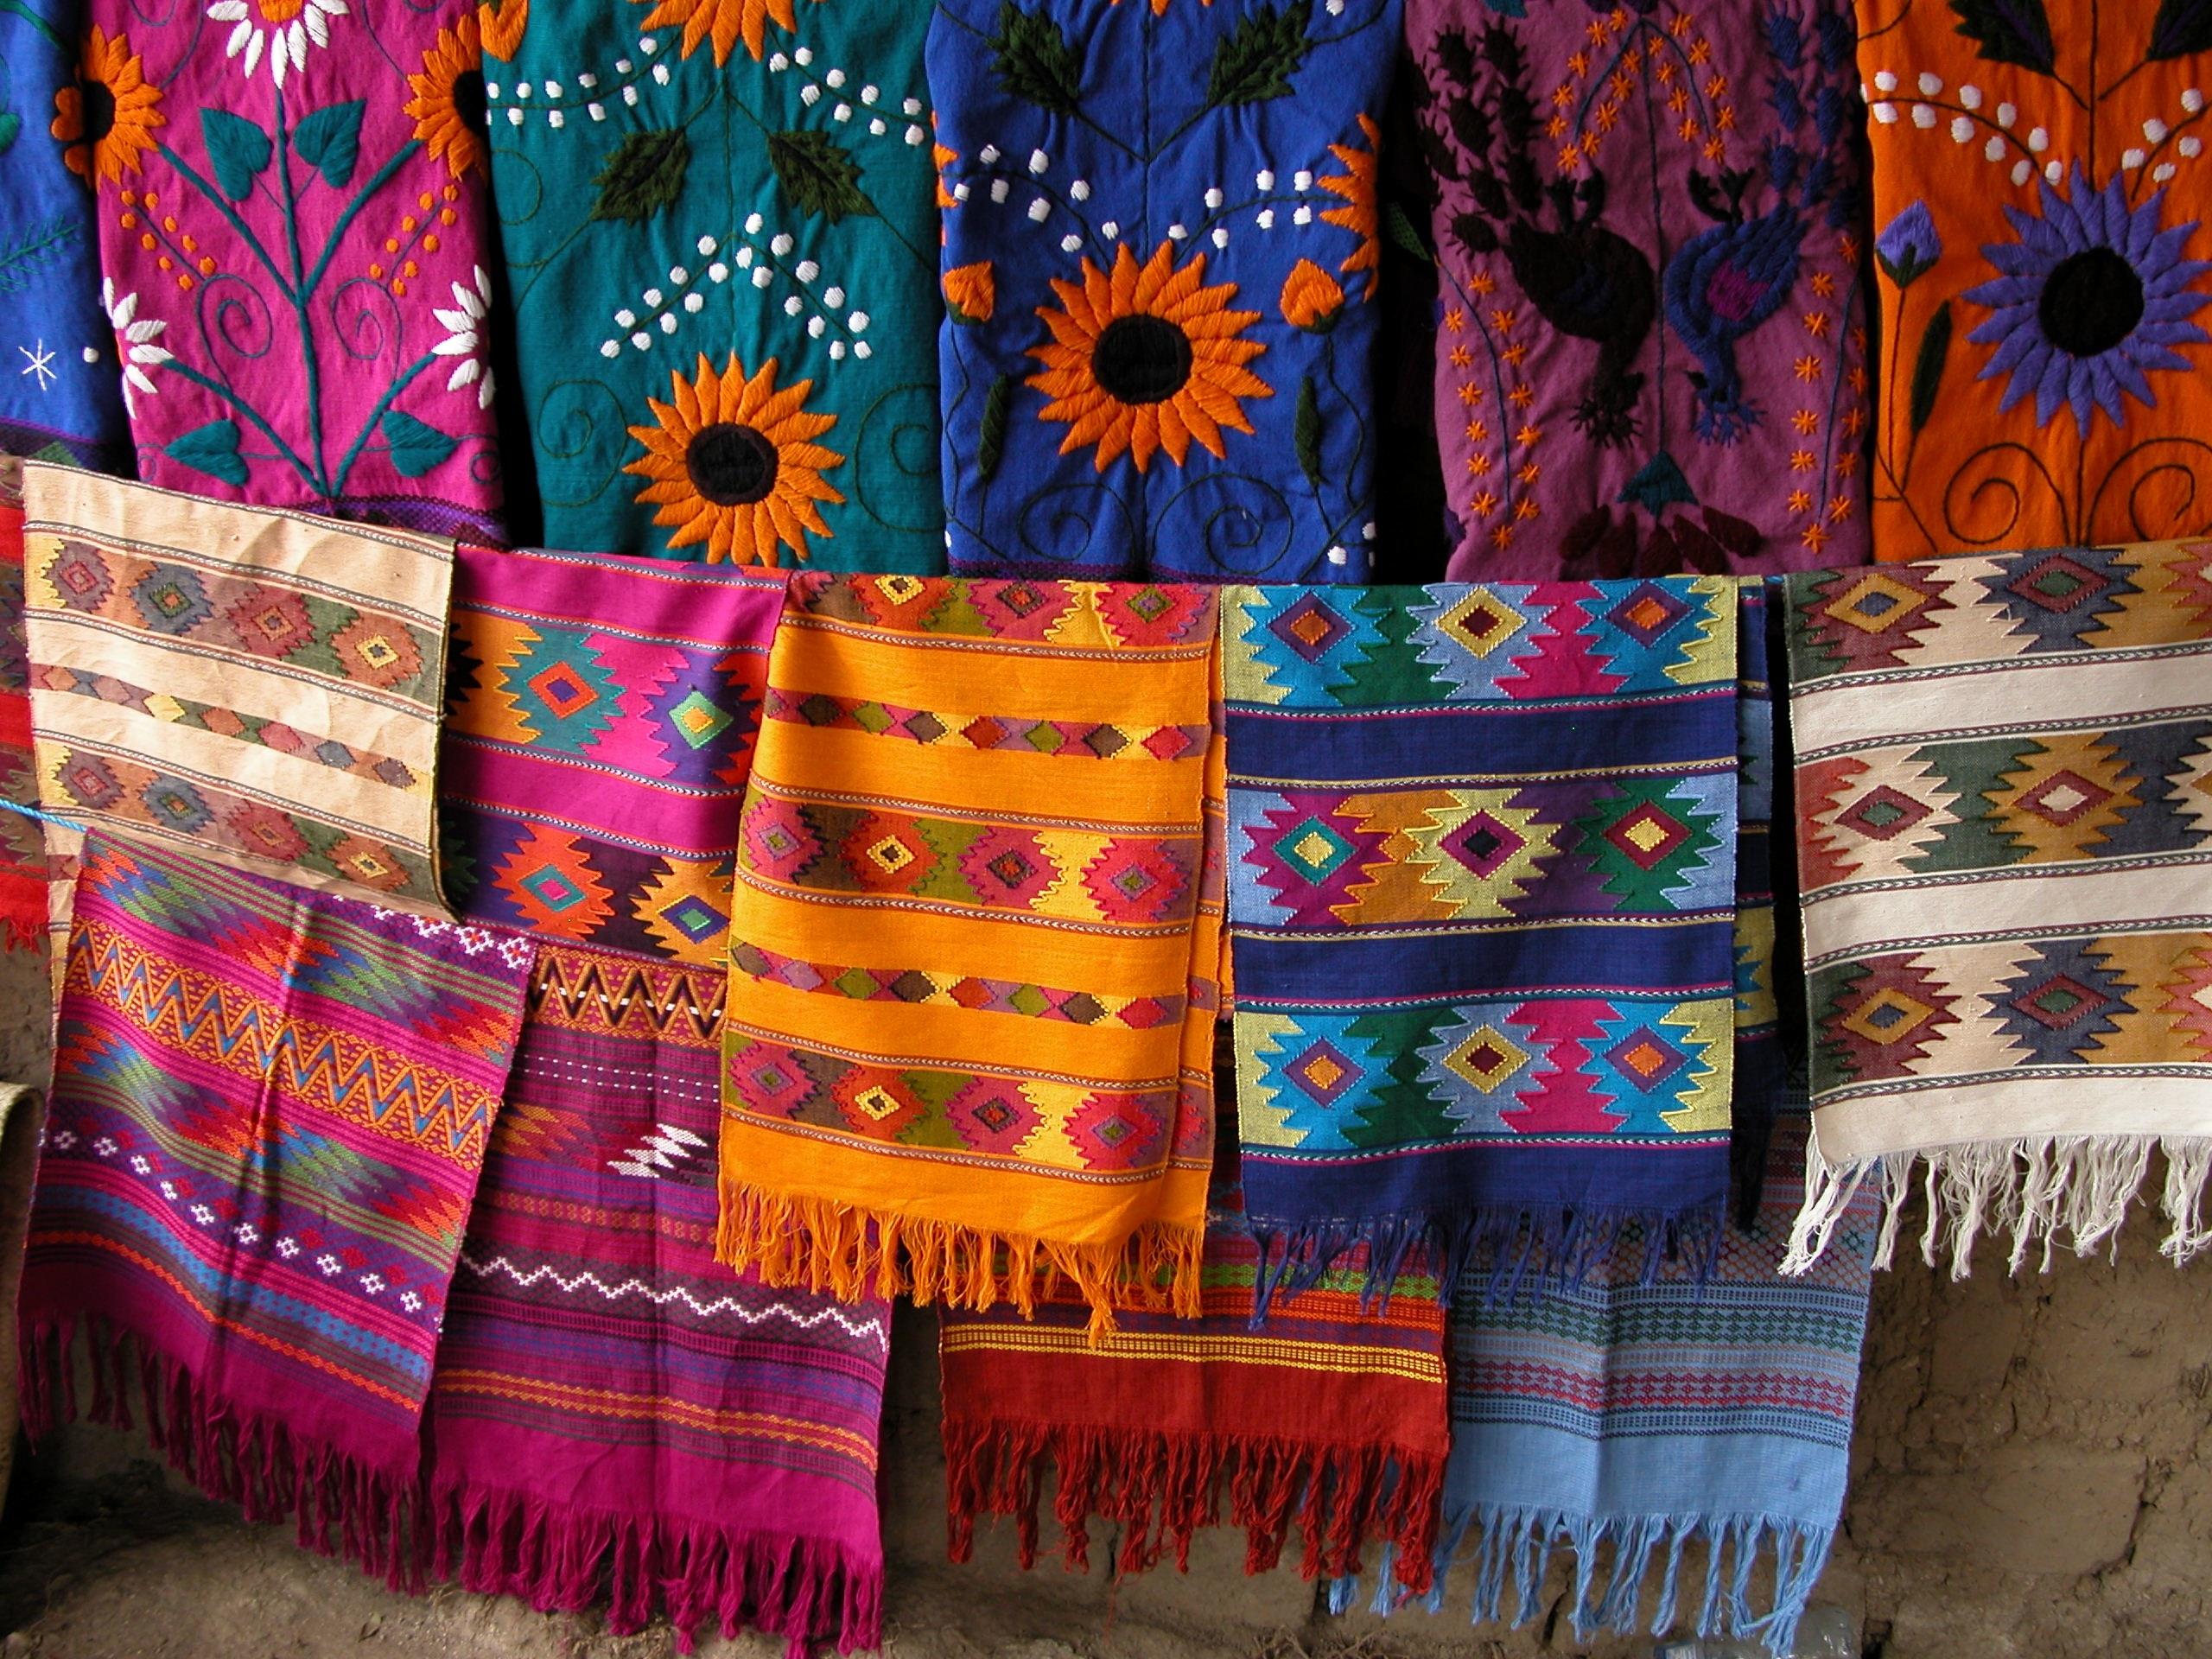 Fotos gratis : patrón, color, arte, ropa, vistoso, decoración ...